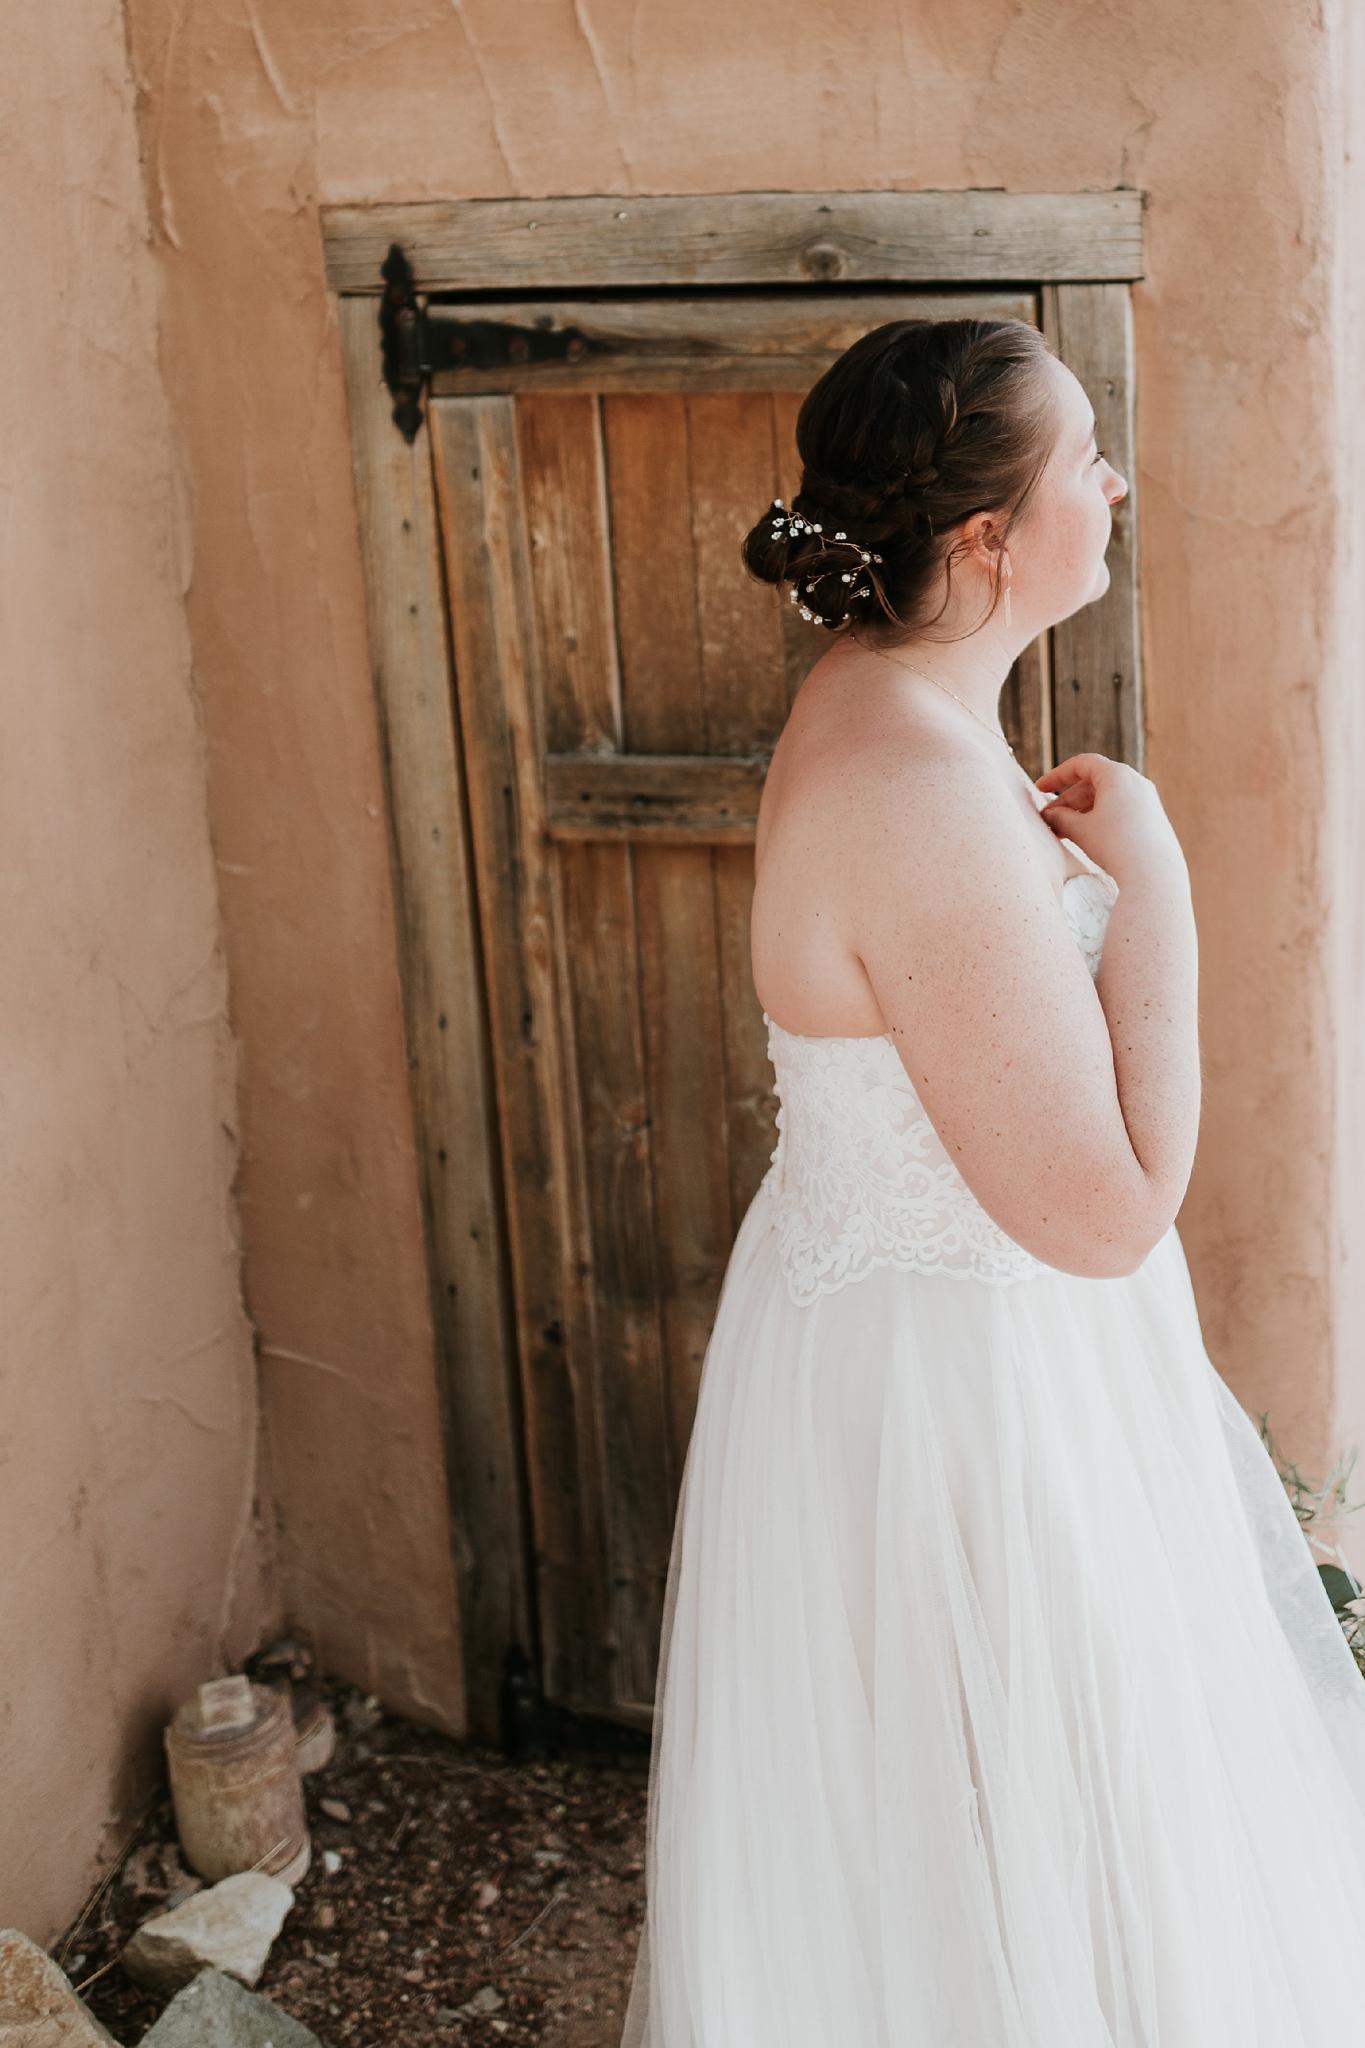 Alicia+lucia+photography+-+albuquerque+wedding+photographer+-+santa+fe+wedding+photography+-+new+mexico+wedding+photographer+-+new+mexico+wedding+-+wedding+venues+-+new+mexico+wedding+venues+-+colorado+wedding+venues_0126.jpg